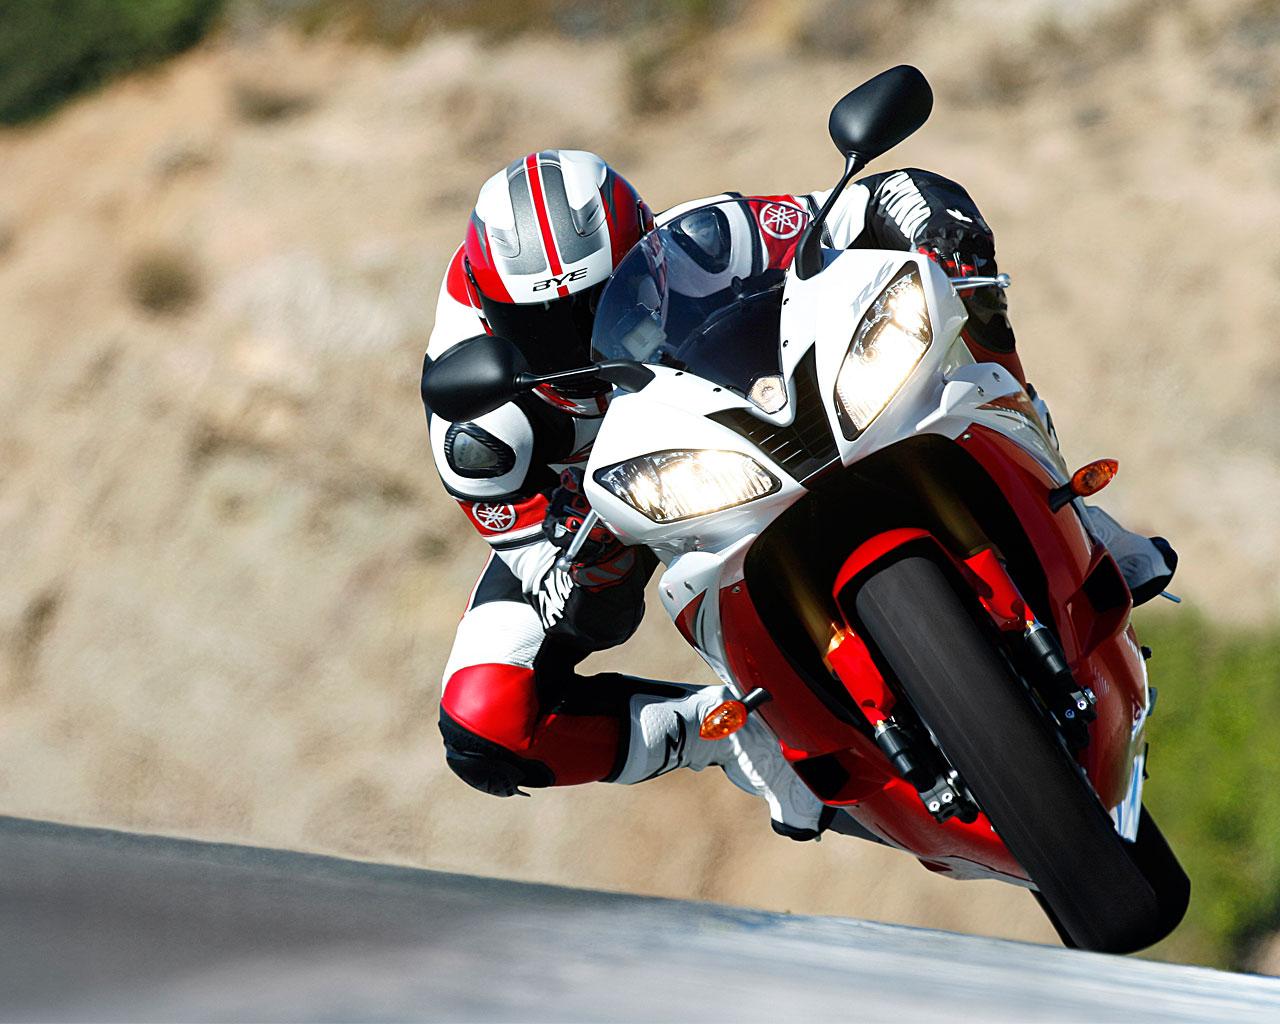 壁紙 sportbike オートバイ ダウンロード 写真